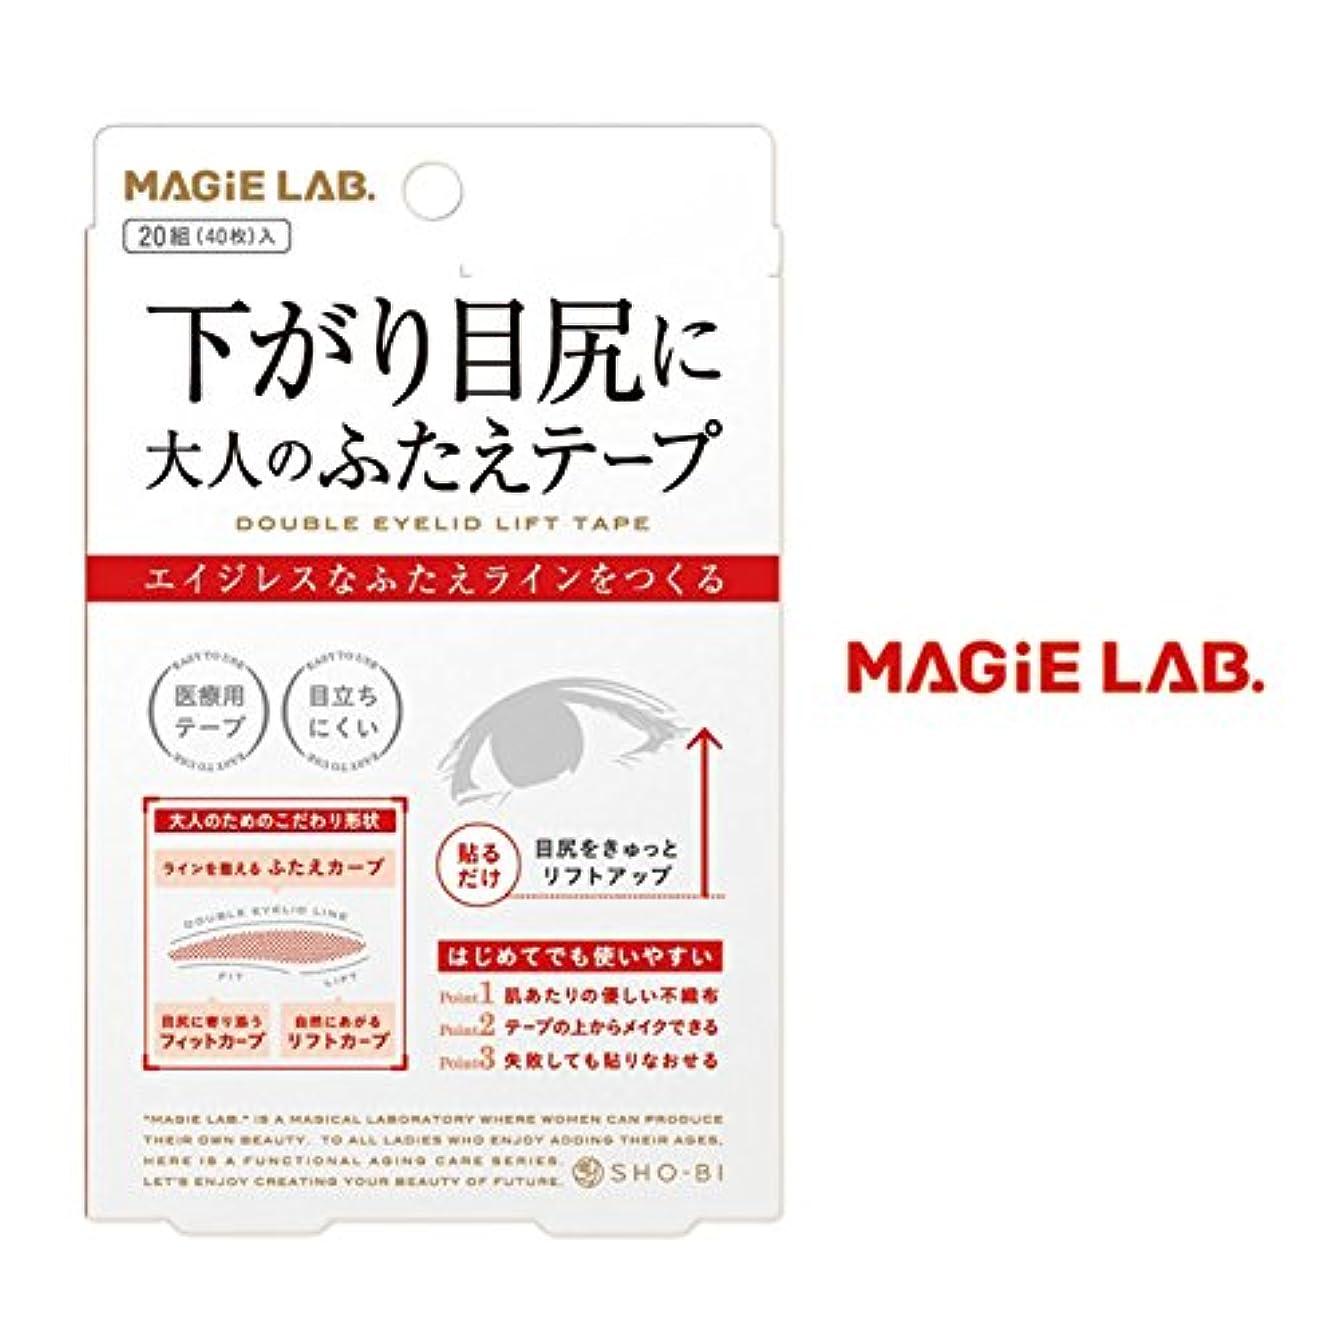 インスタント写真の経験者MAGiE LAB.(マジラボ) 大人のふたえテープ 20組(40枚)入 MG22105